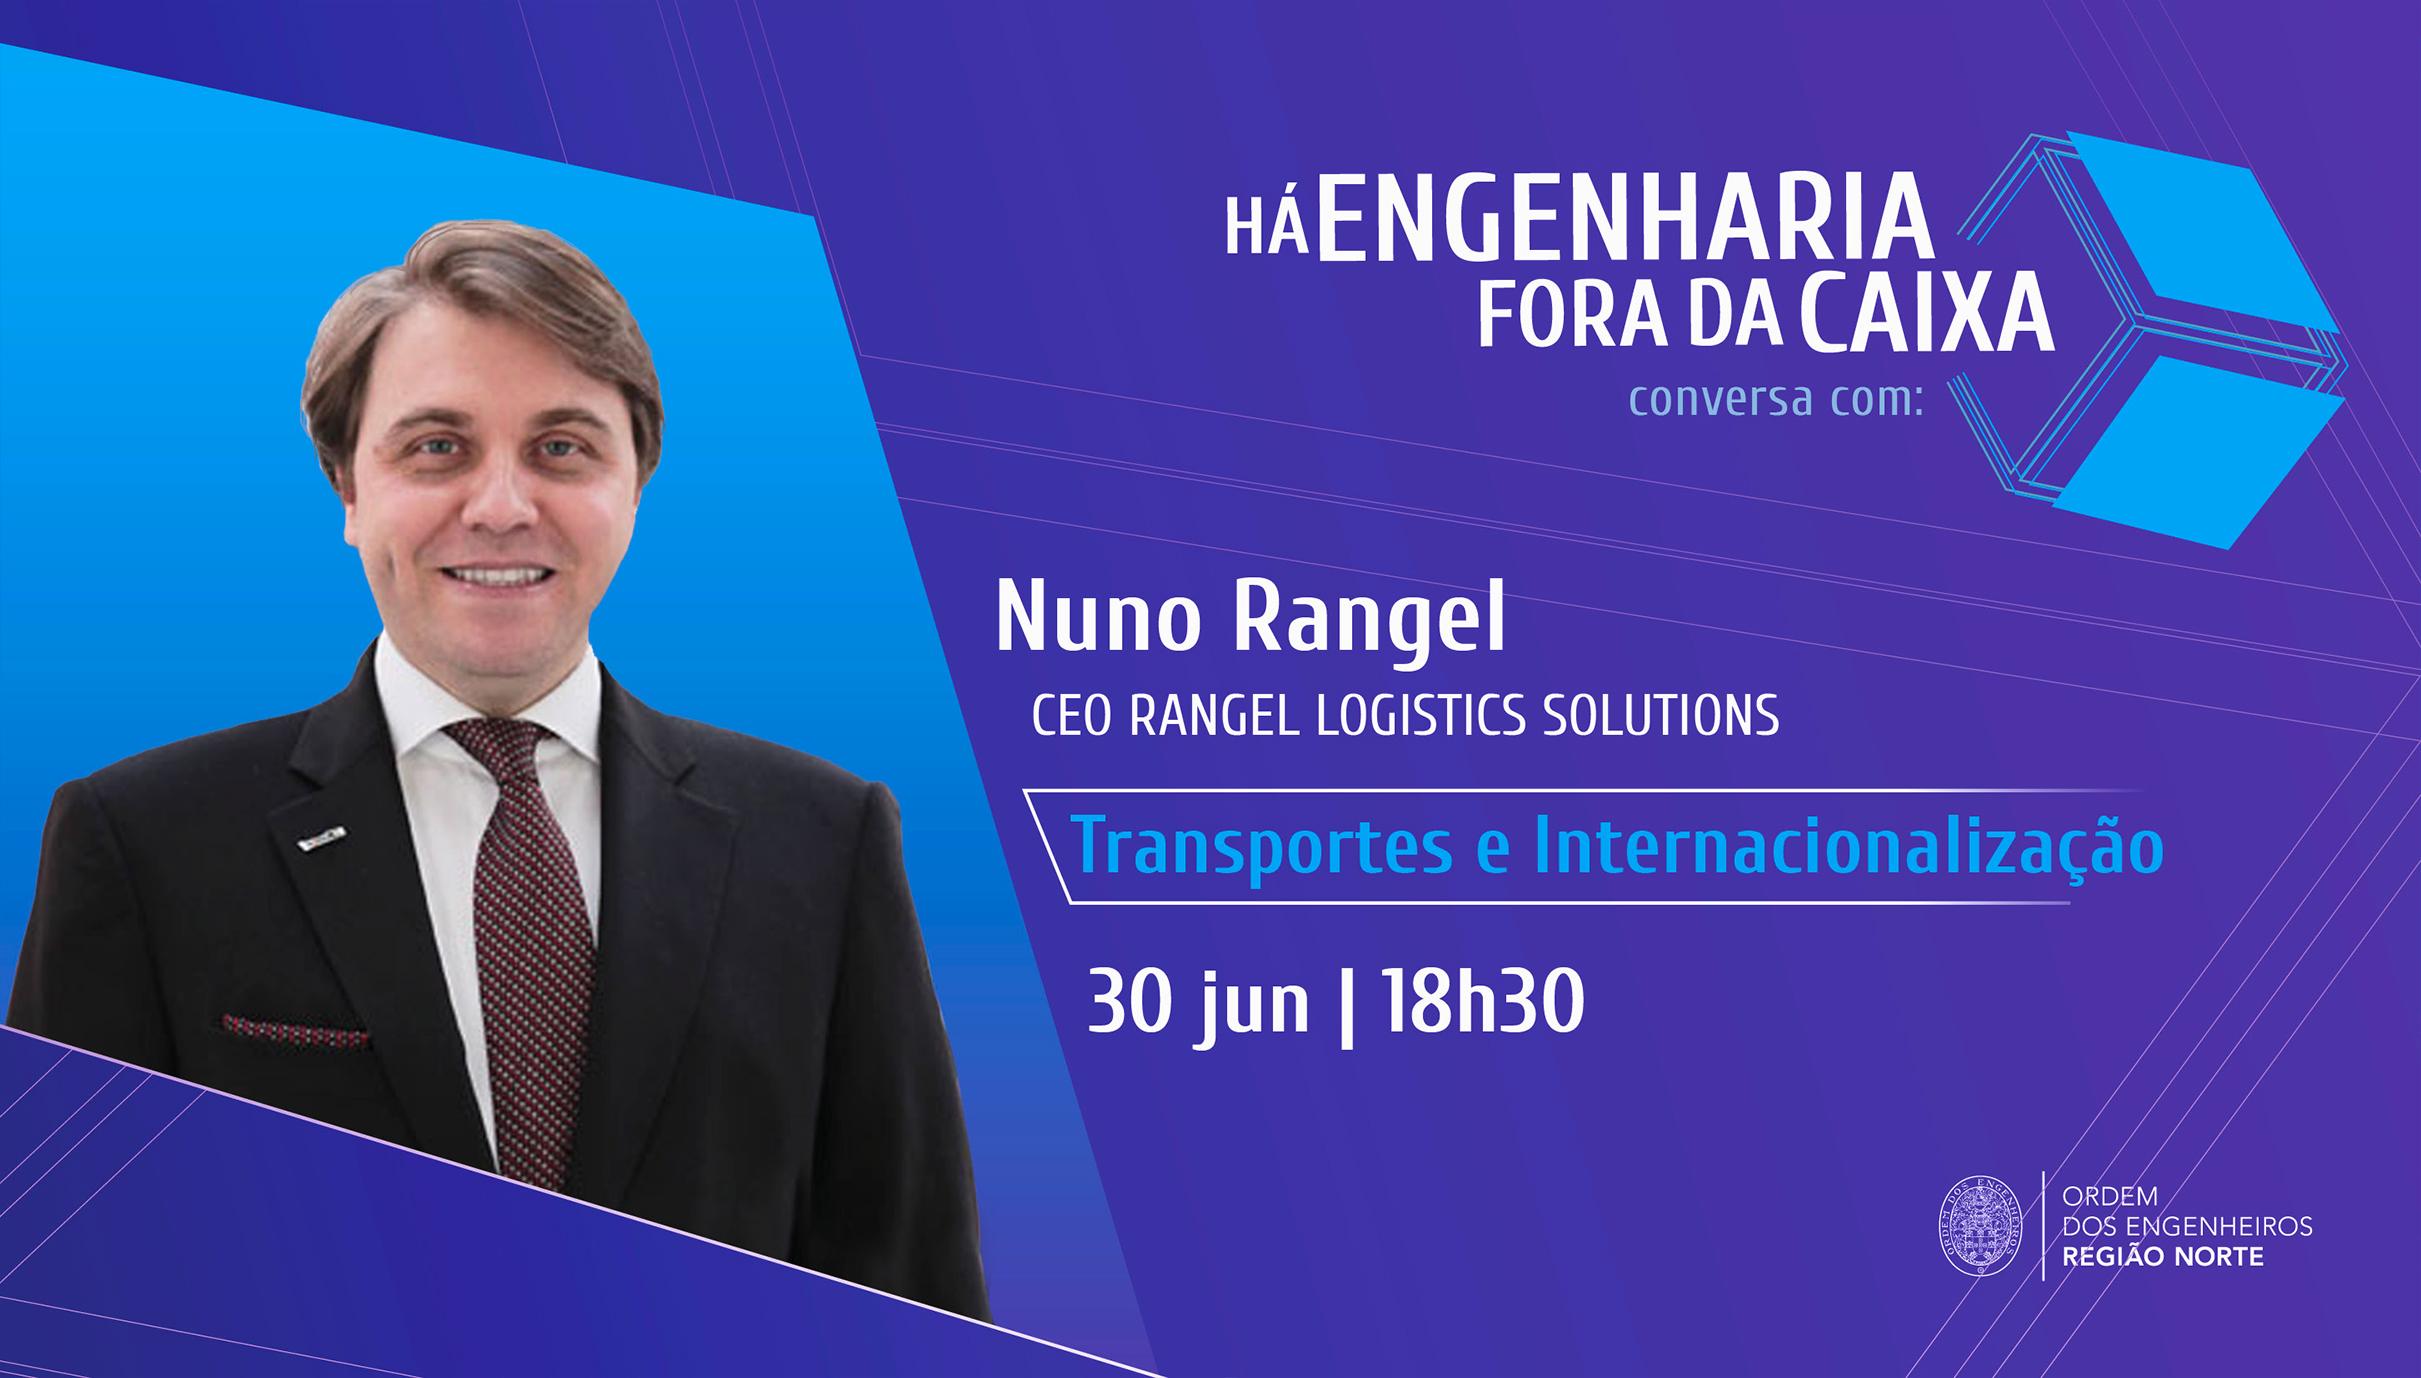 Plataforma Notícias Ordem Engenheiros Região Norte - Nuno Rangel em conferência sobre Transportes e Internacionalização